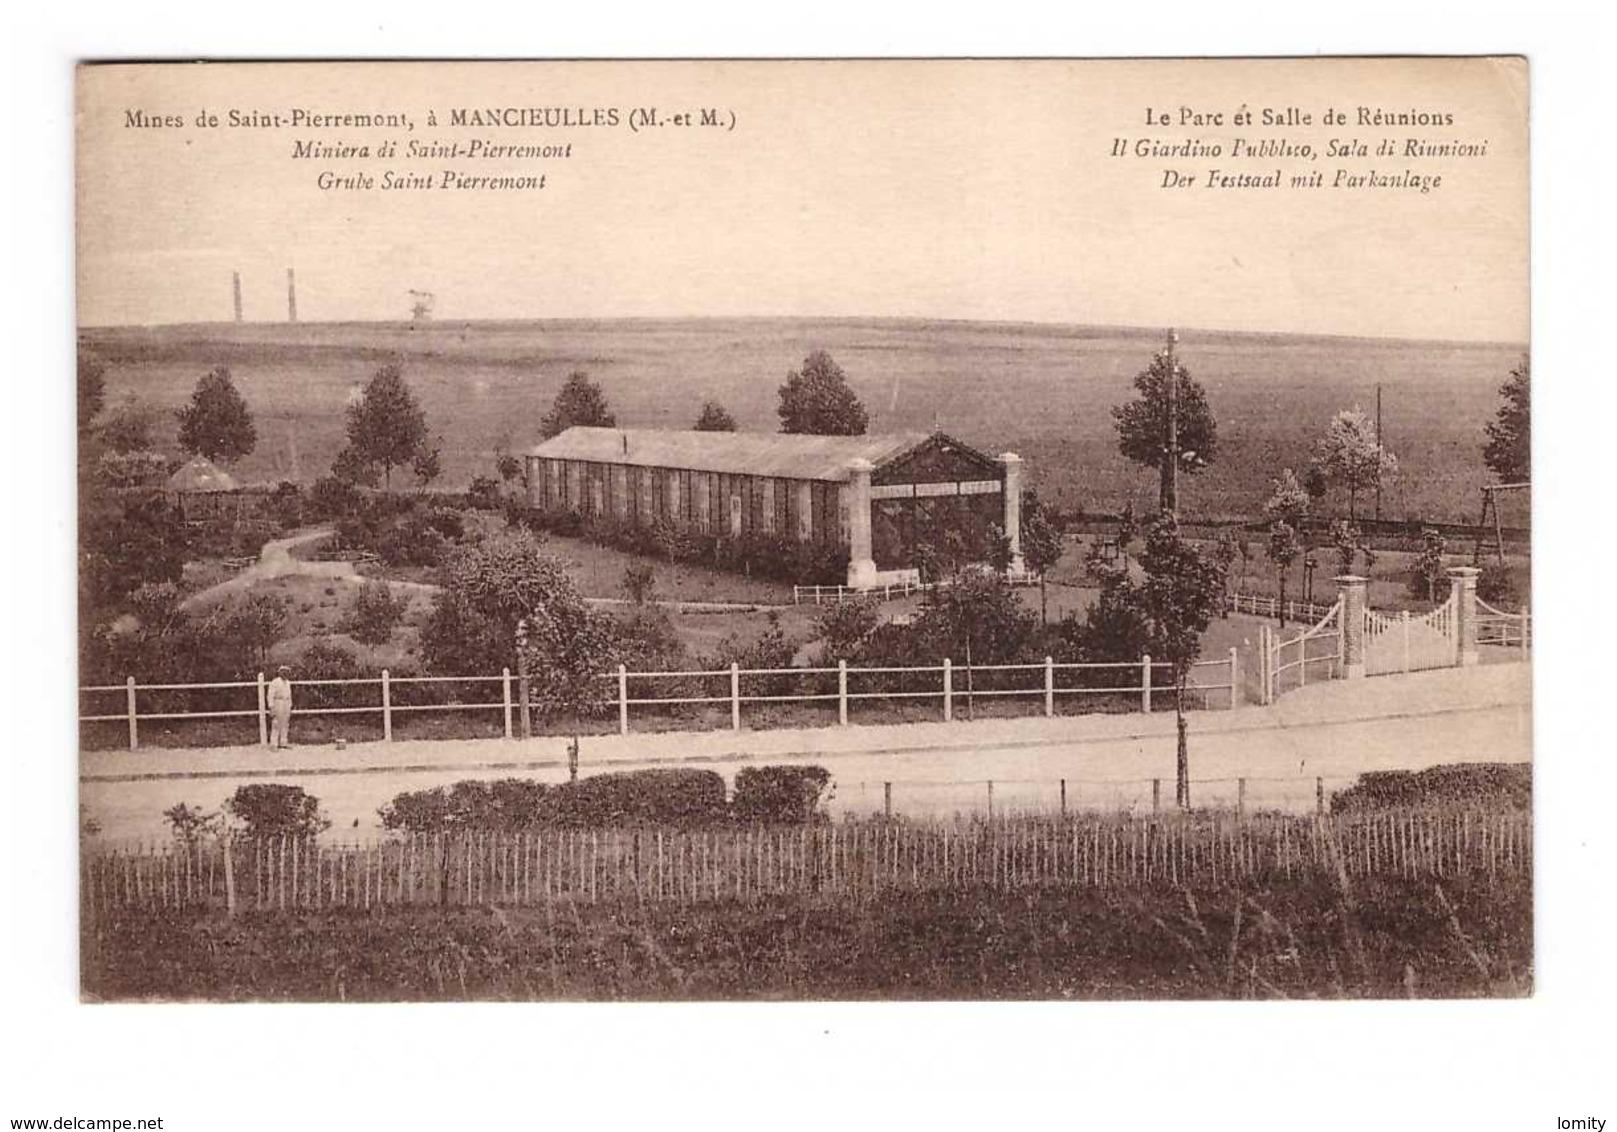 54 Mancieulles Mines De Saint Pierremont Le Parc Et Salle De Réunions - Francia